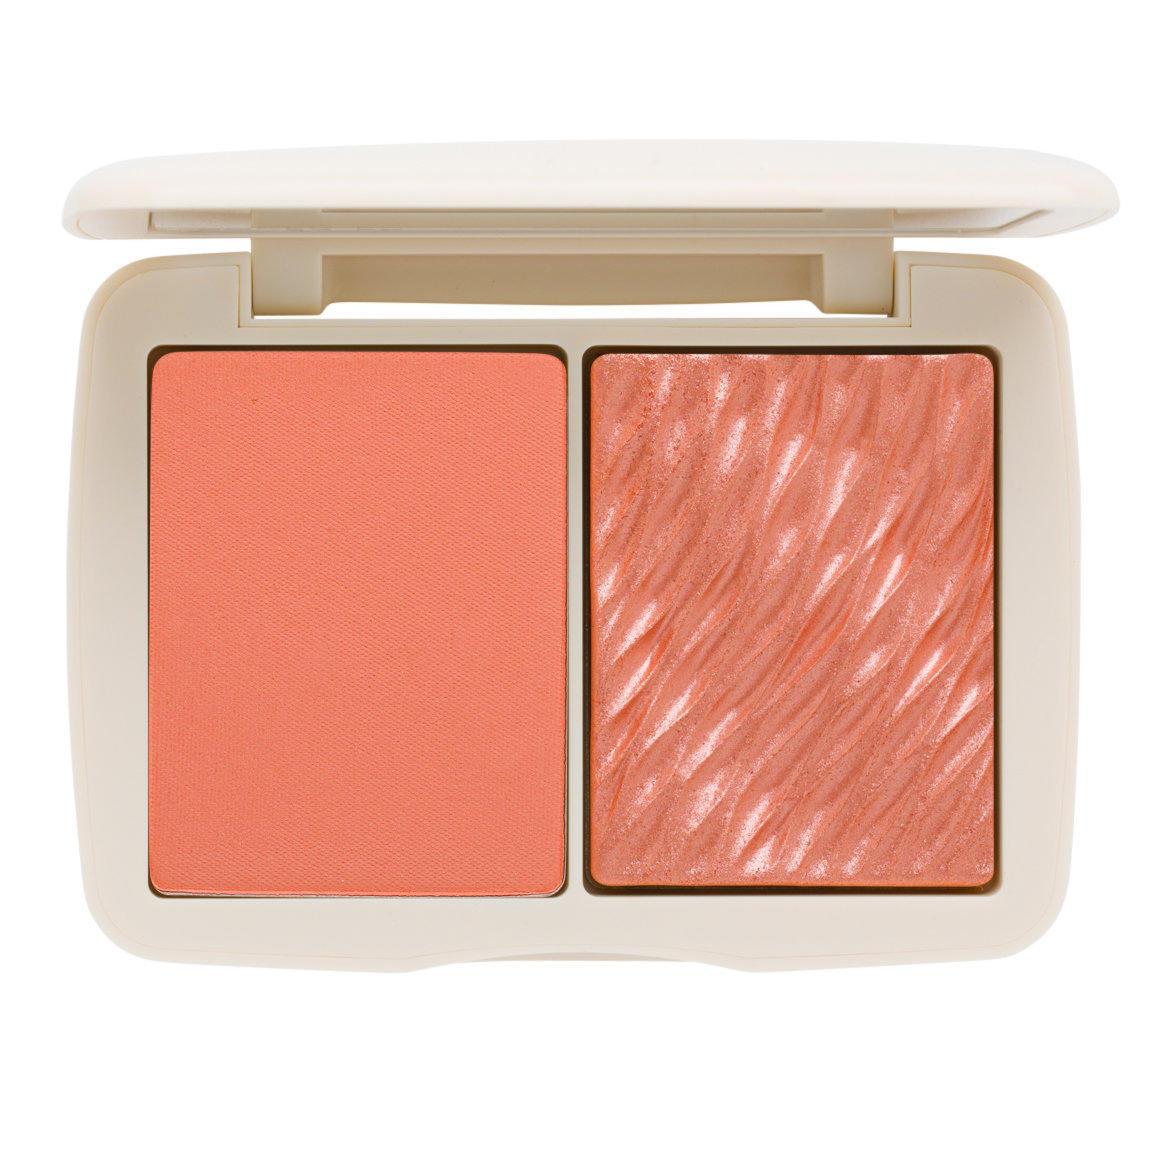 Cover FX Monochromatic Blush Duo Soft Peach